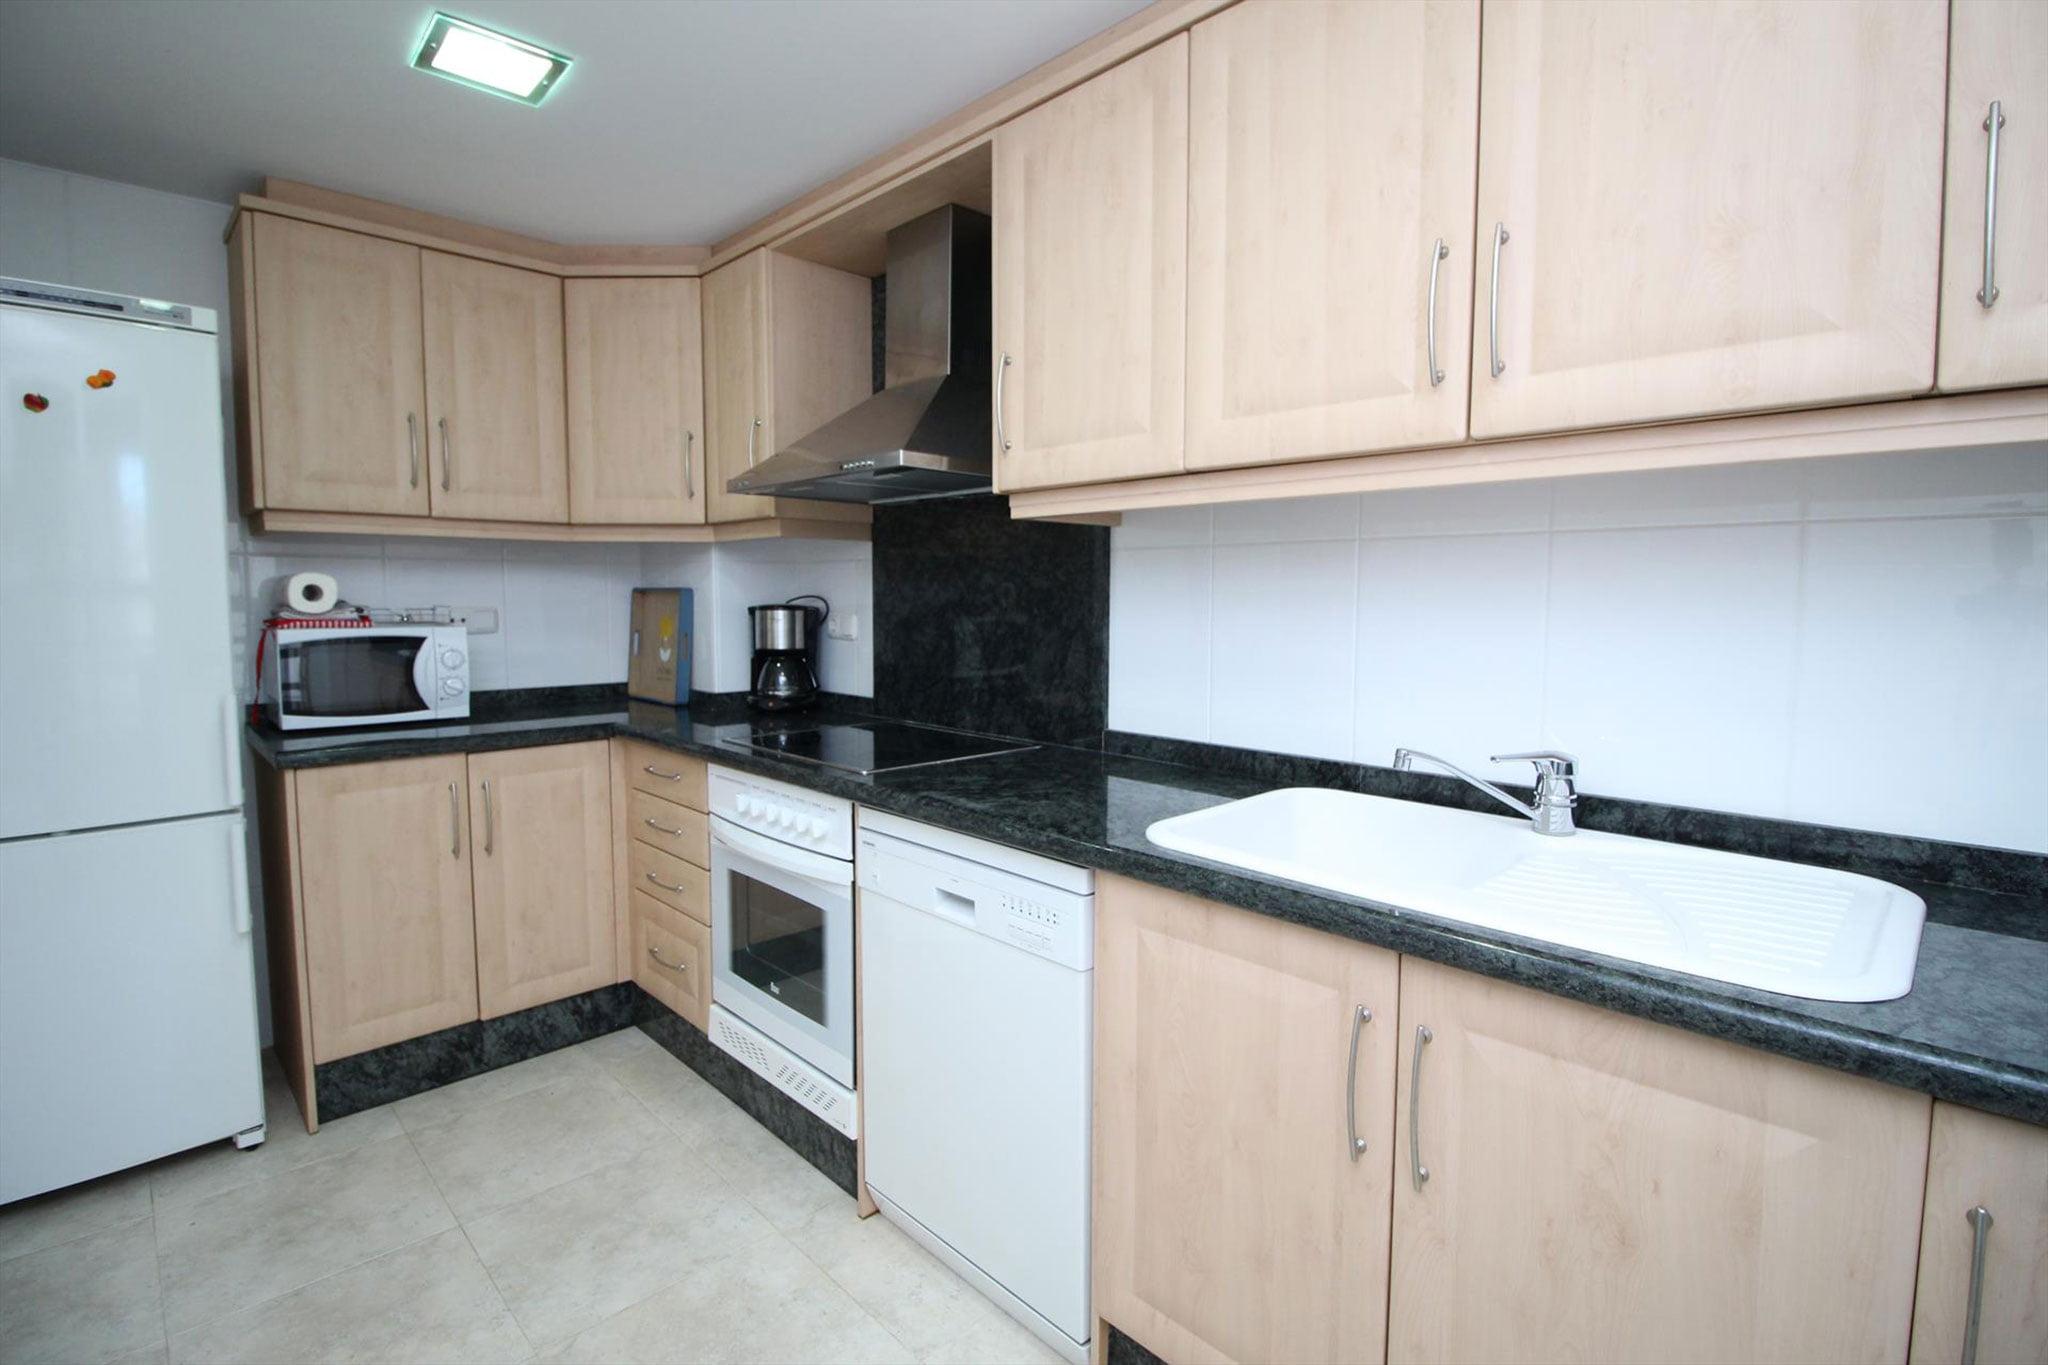 Cocina de un apartamento de vacaciones para cinco personas en Jávea – MMC Property Serivces